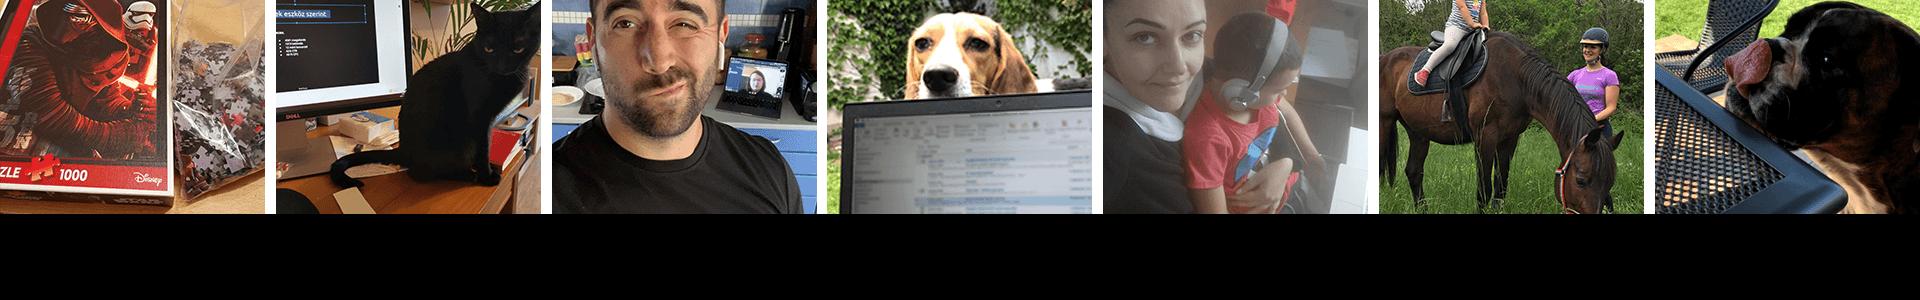 online közösség a y-shift csapatában mindennapok